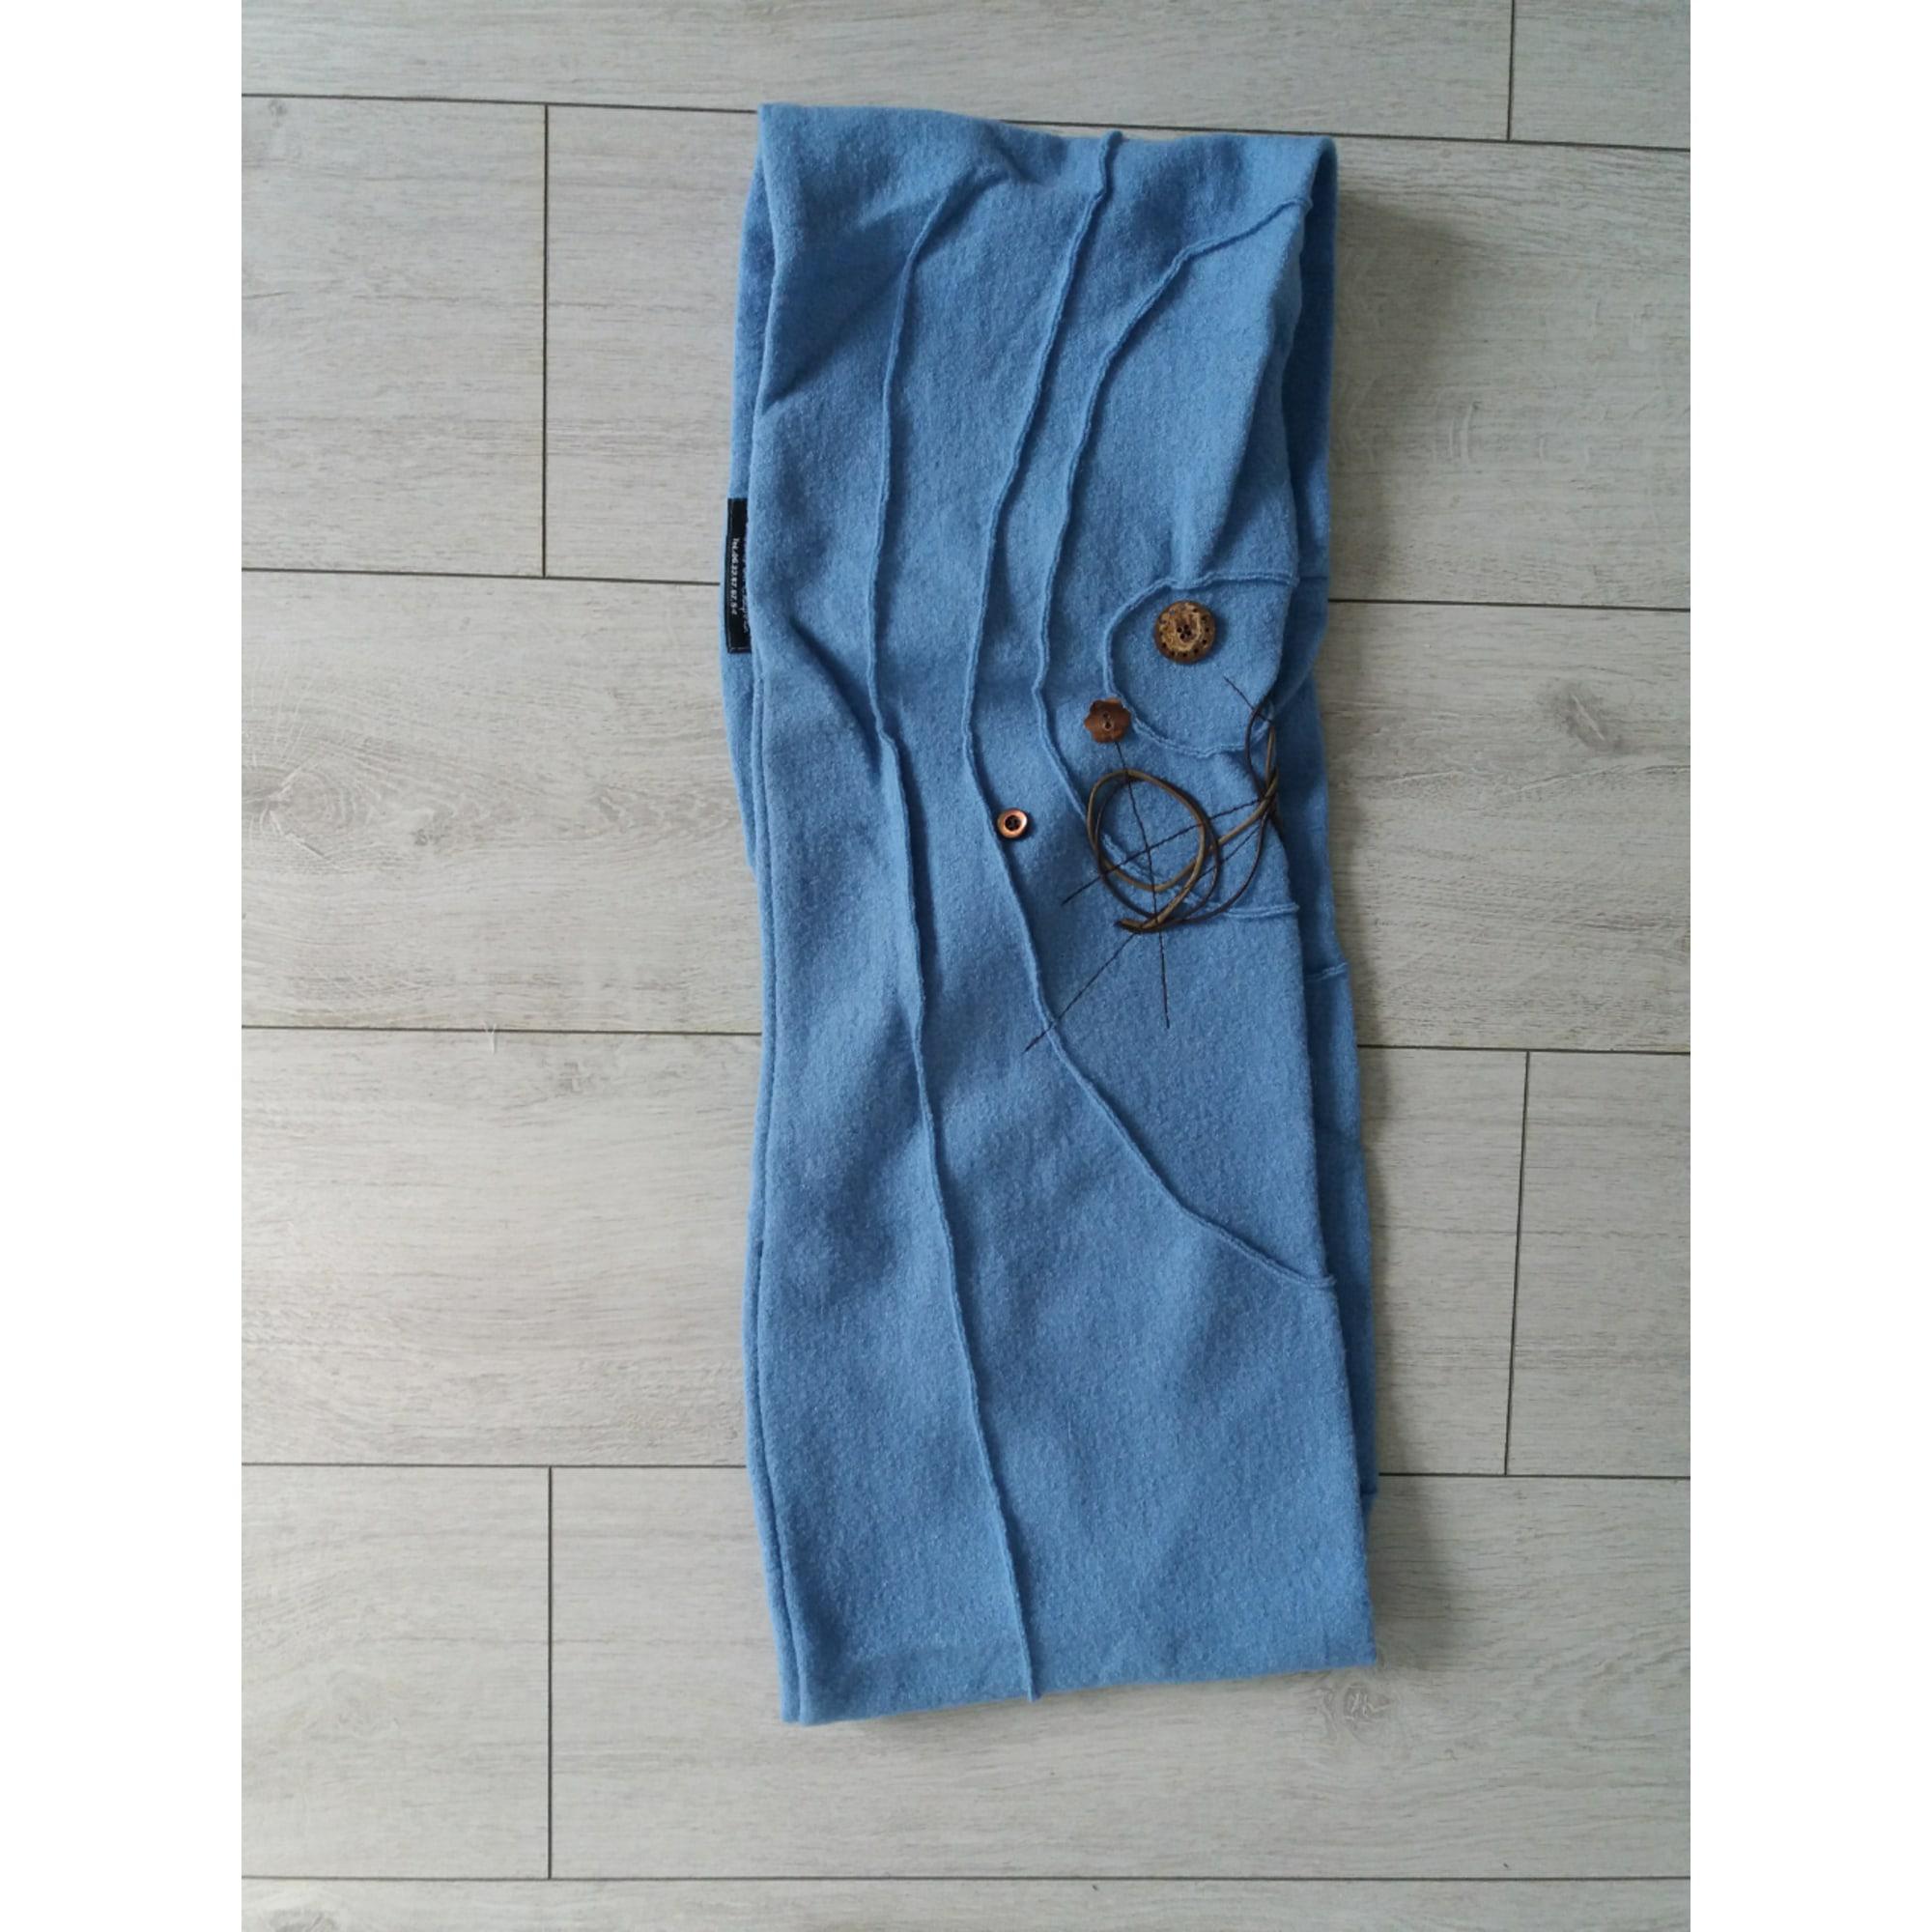 Echarpe UN JOUR UN CHAPEAU Bleu, bleu marine, bleu turquoise